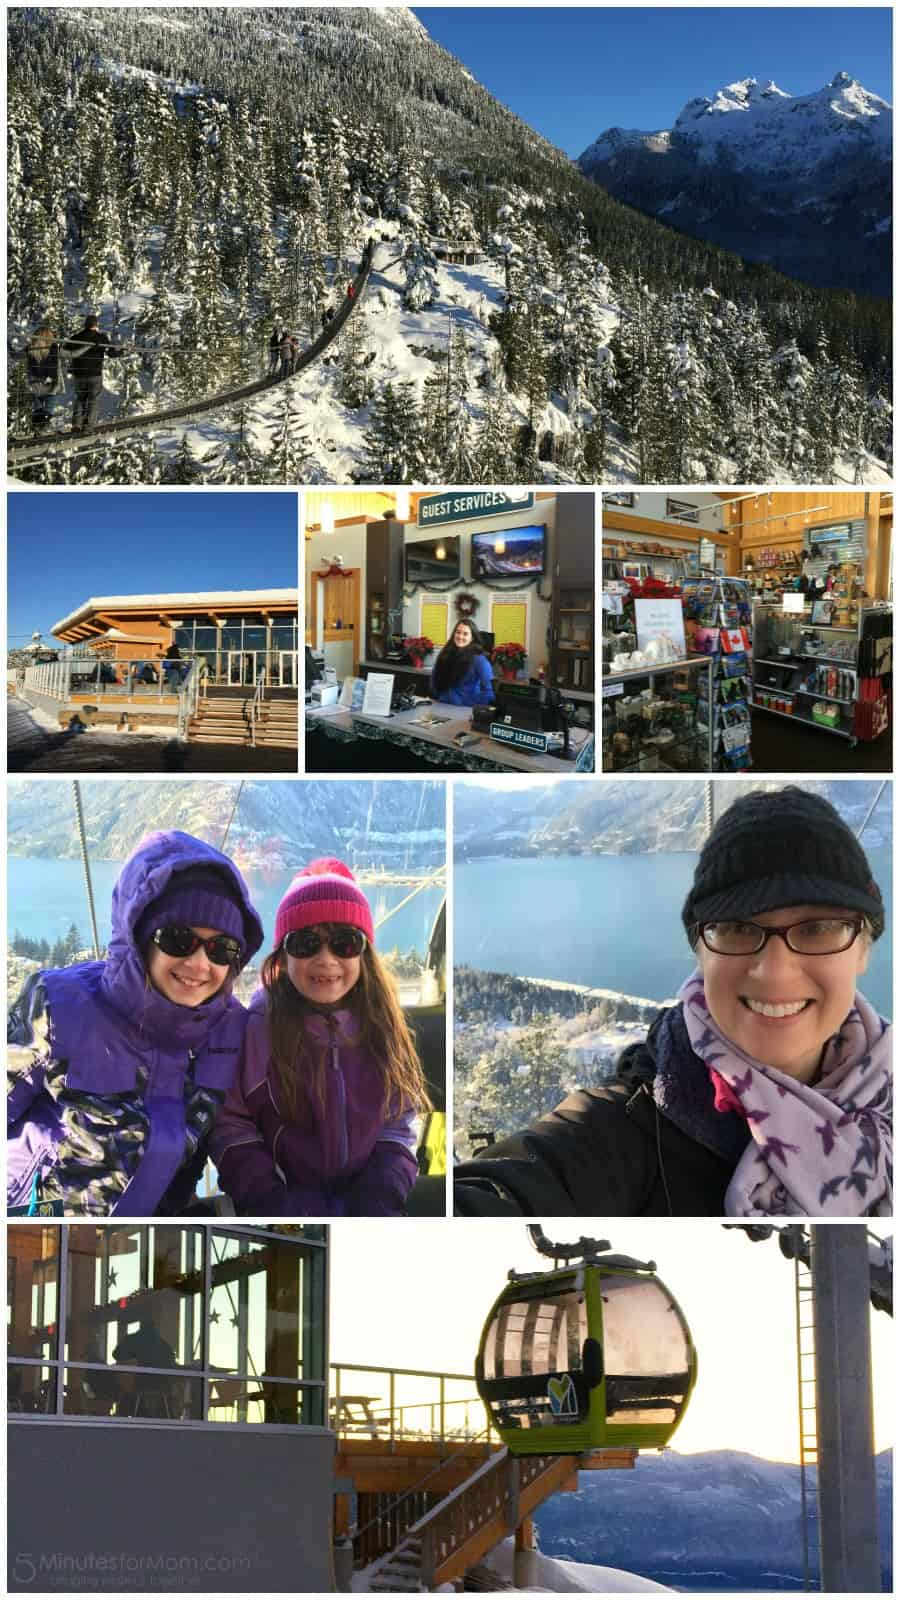 Sea to Sky Gondola in Squamish British Columbia